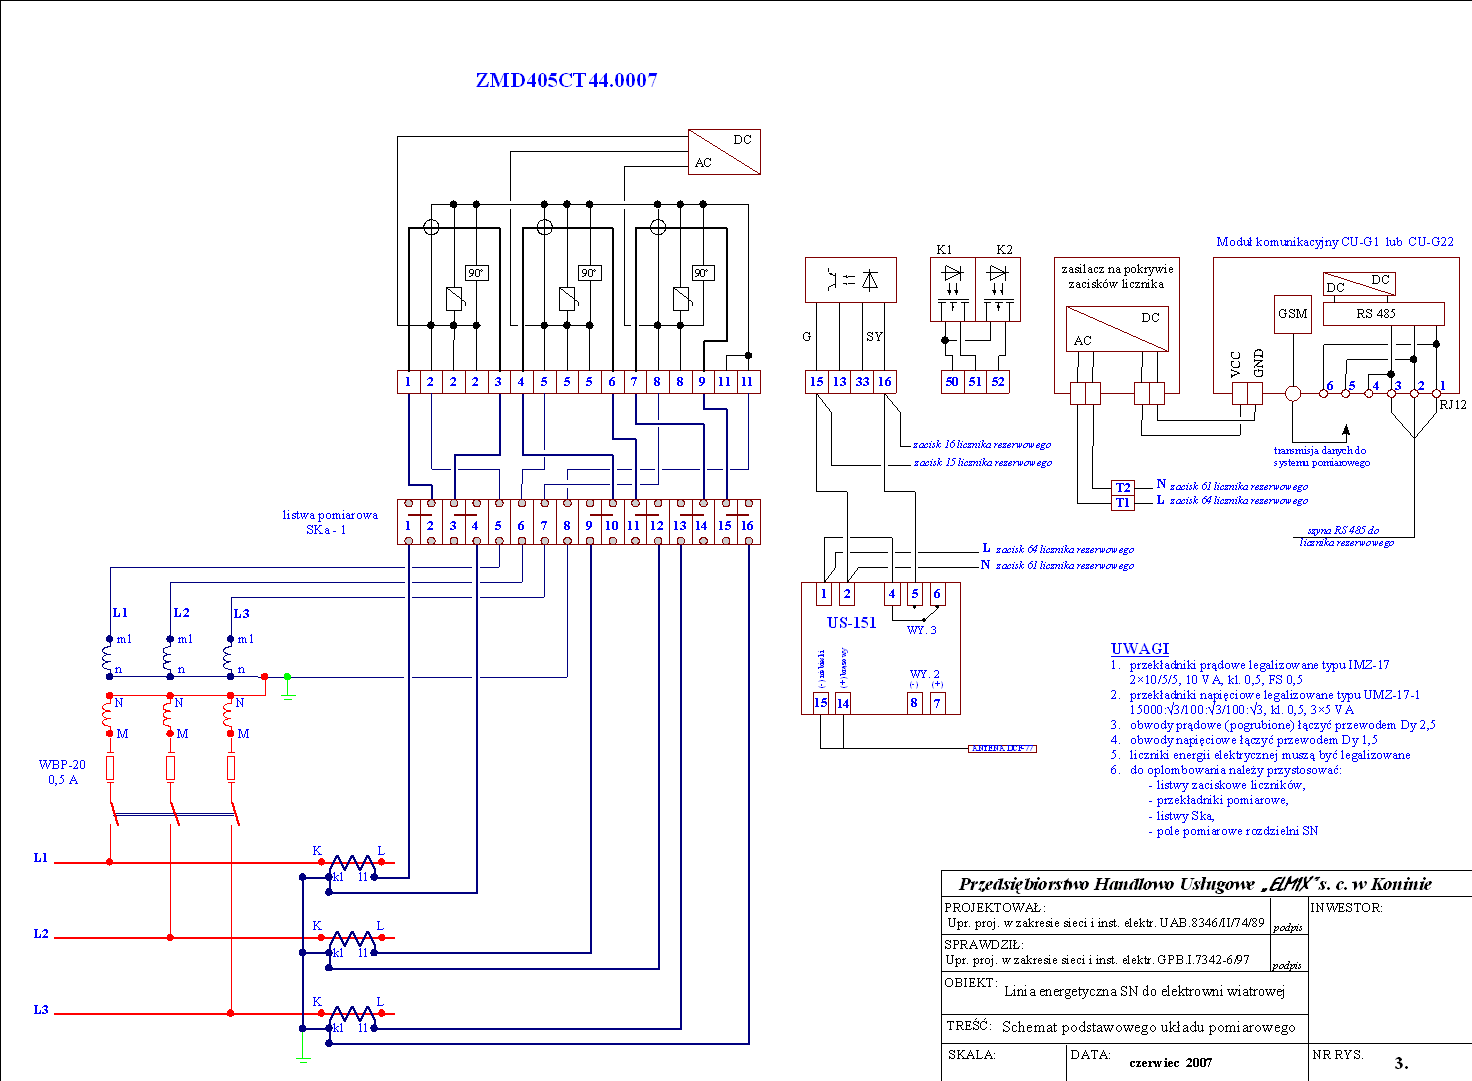 Schemat układu pomiarowego elektrowni wiatrowej